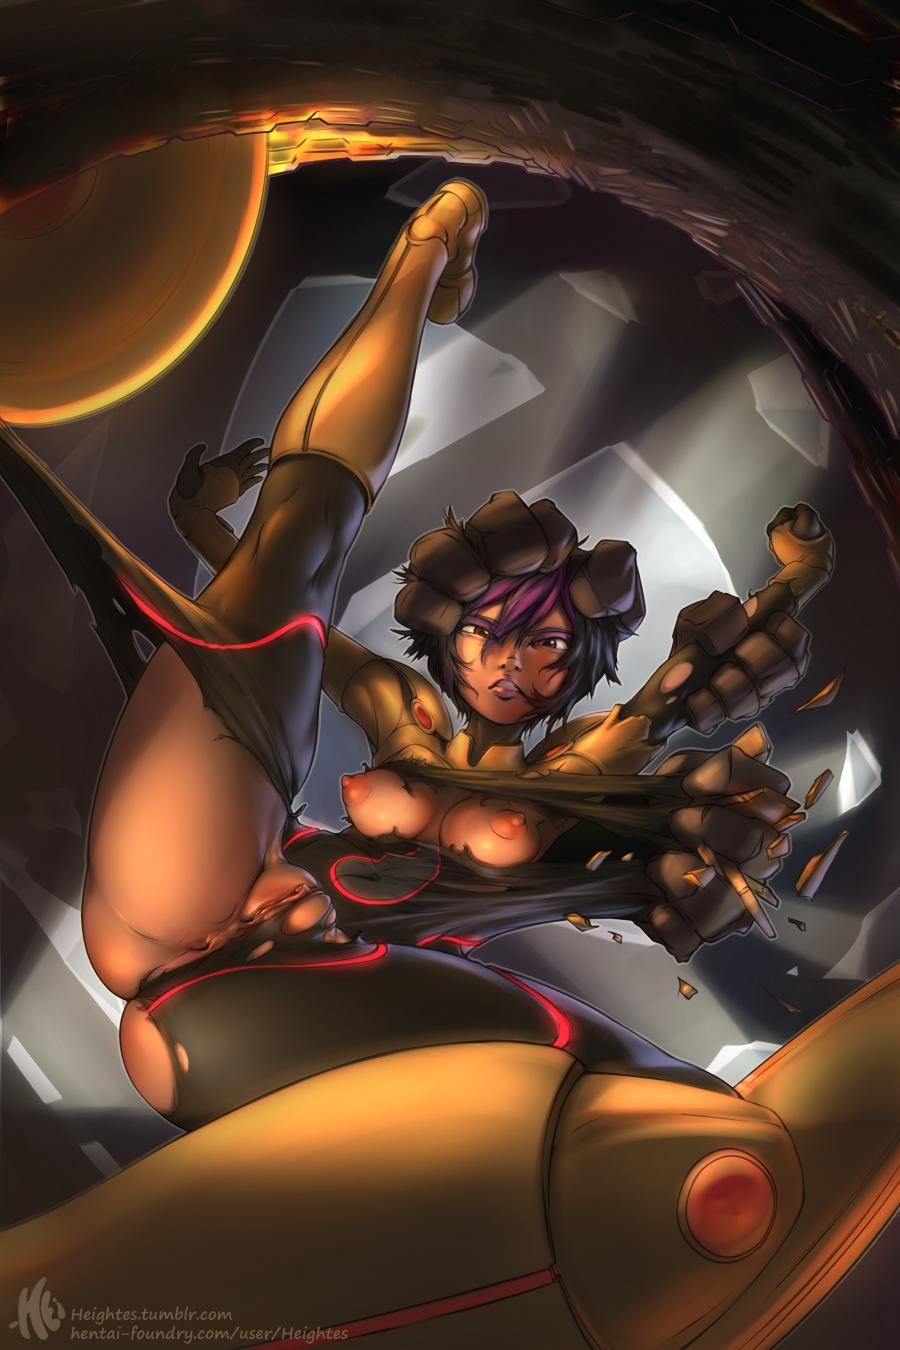 Korean big tits nude